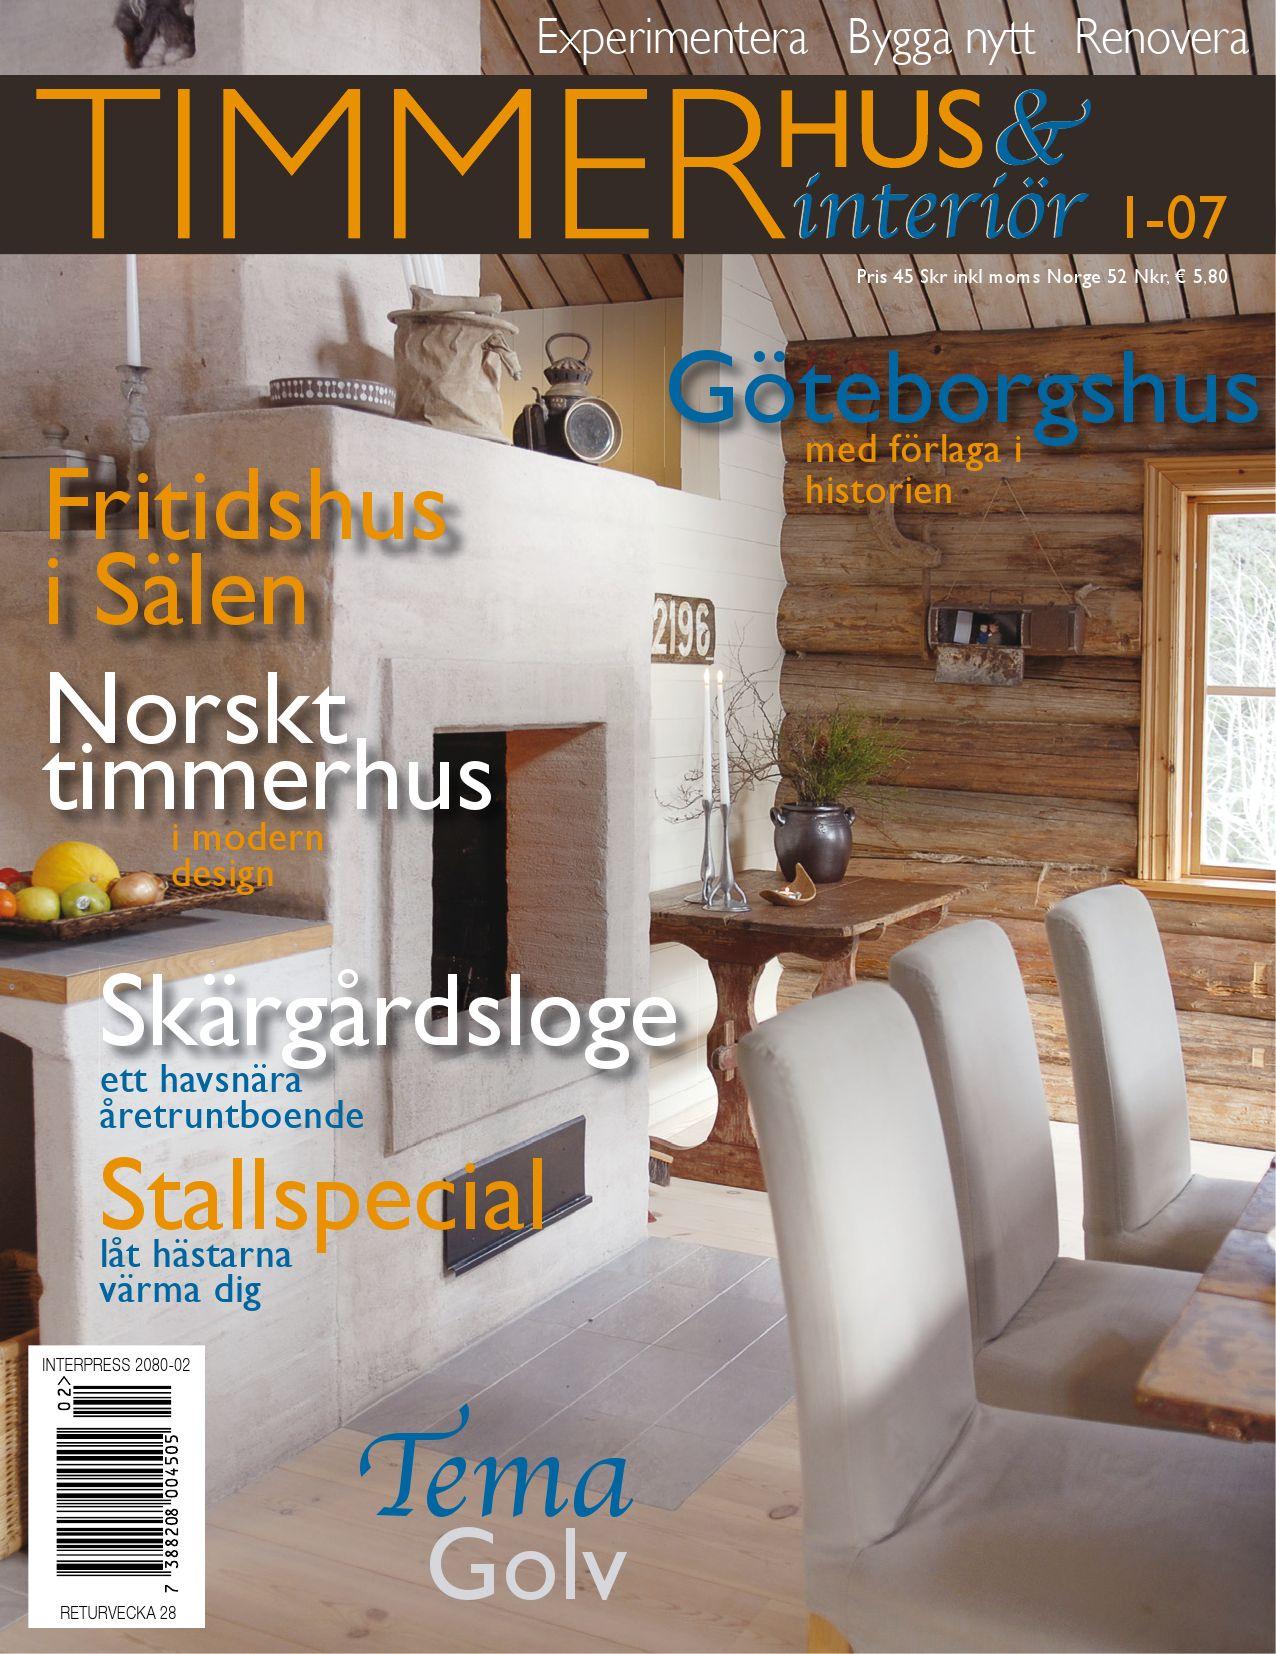 Timmerhus & interiör 2 08 by timmerhus & interior   issuu